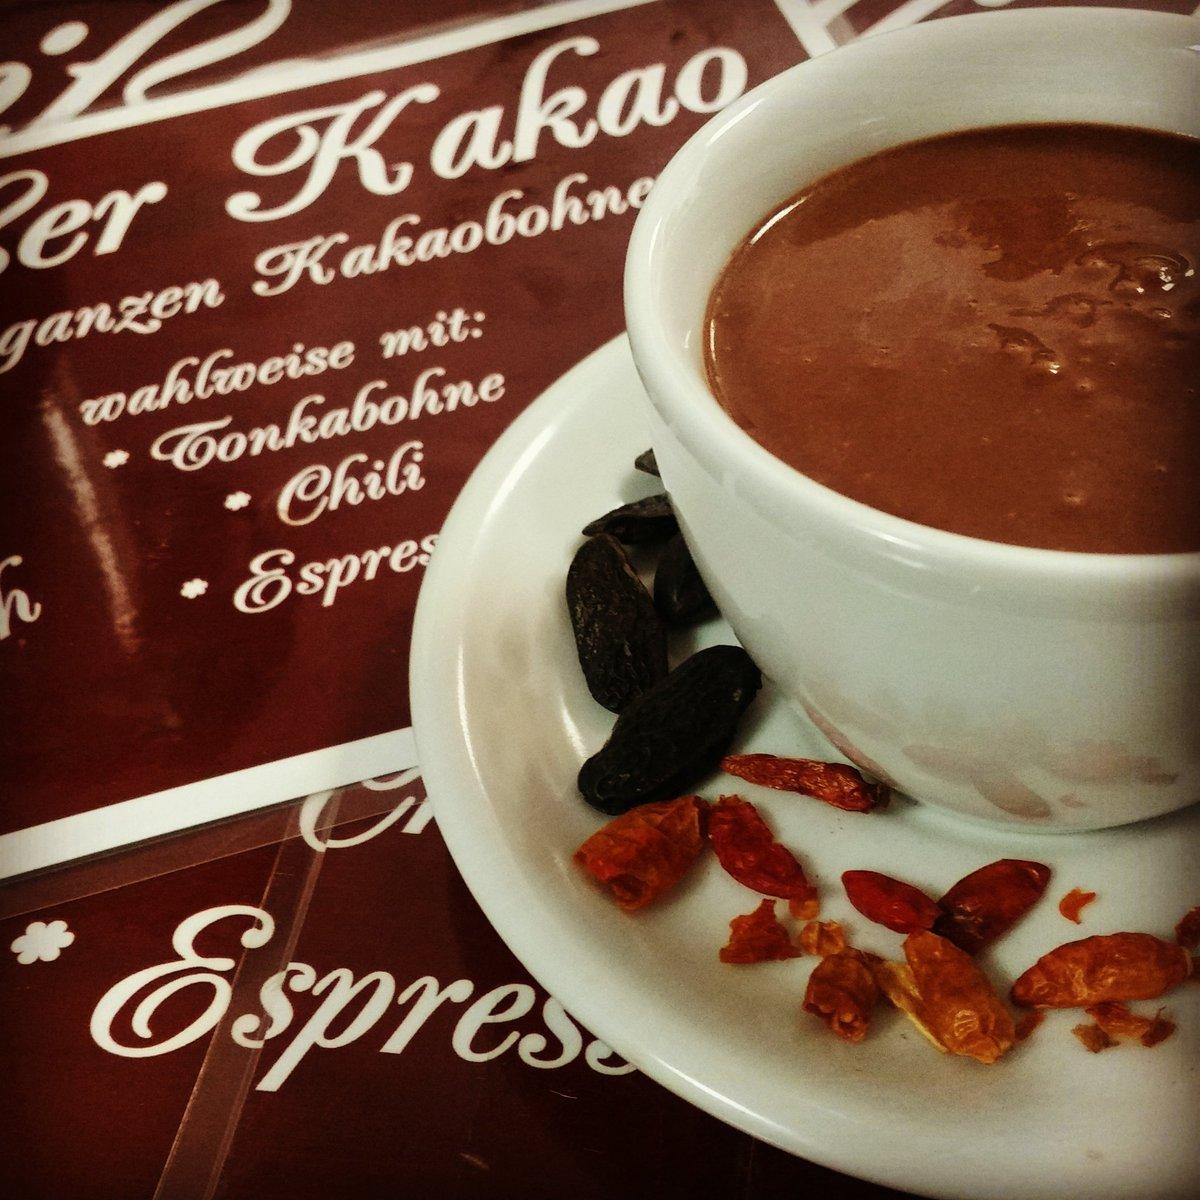 Unser sämiger #Kakao aus ganzen #Kakaobohnen benötigt zwei Tage um seinen intensiven #Geschmack zu entfalten. Leicht gesüßt mit #Agavendicksaft auch für herbe Kakaogenießer genau das richtige! #Vegan oder mit Milch und wahlweise mit verschiedenen #Gewürzen!  #Schokolade #Berlin